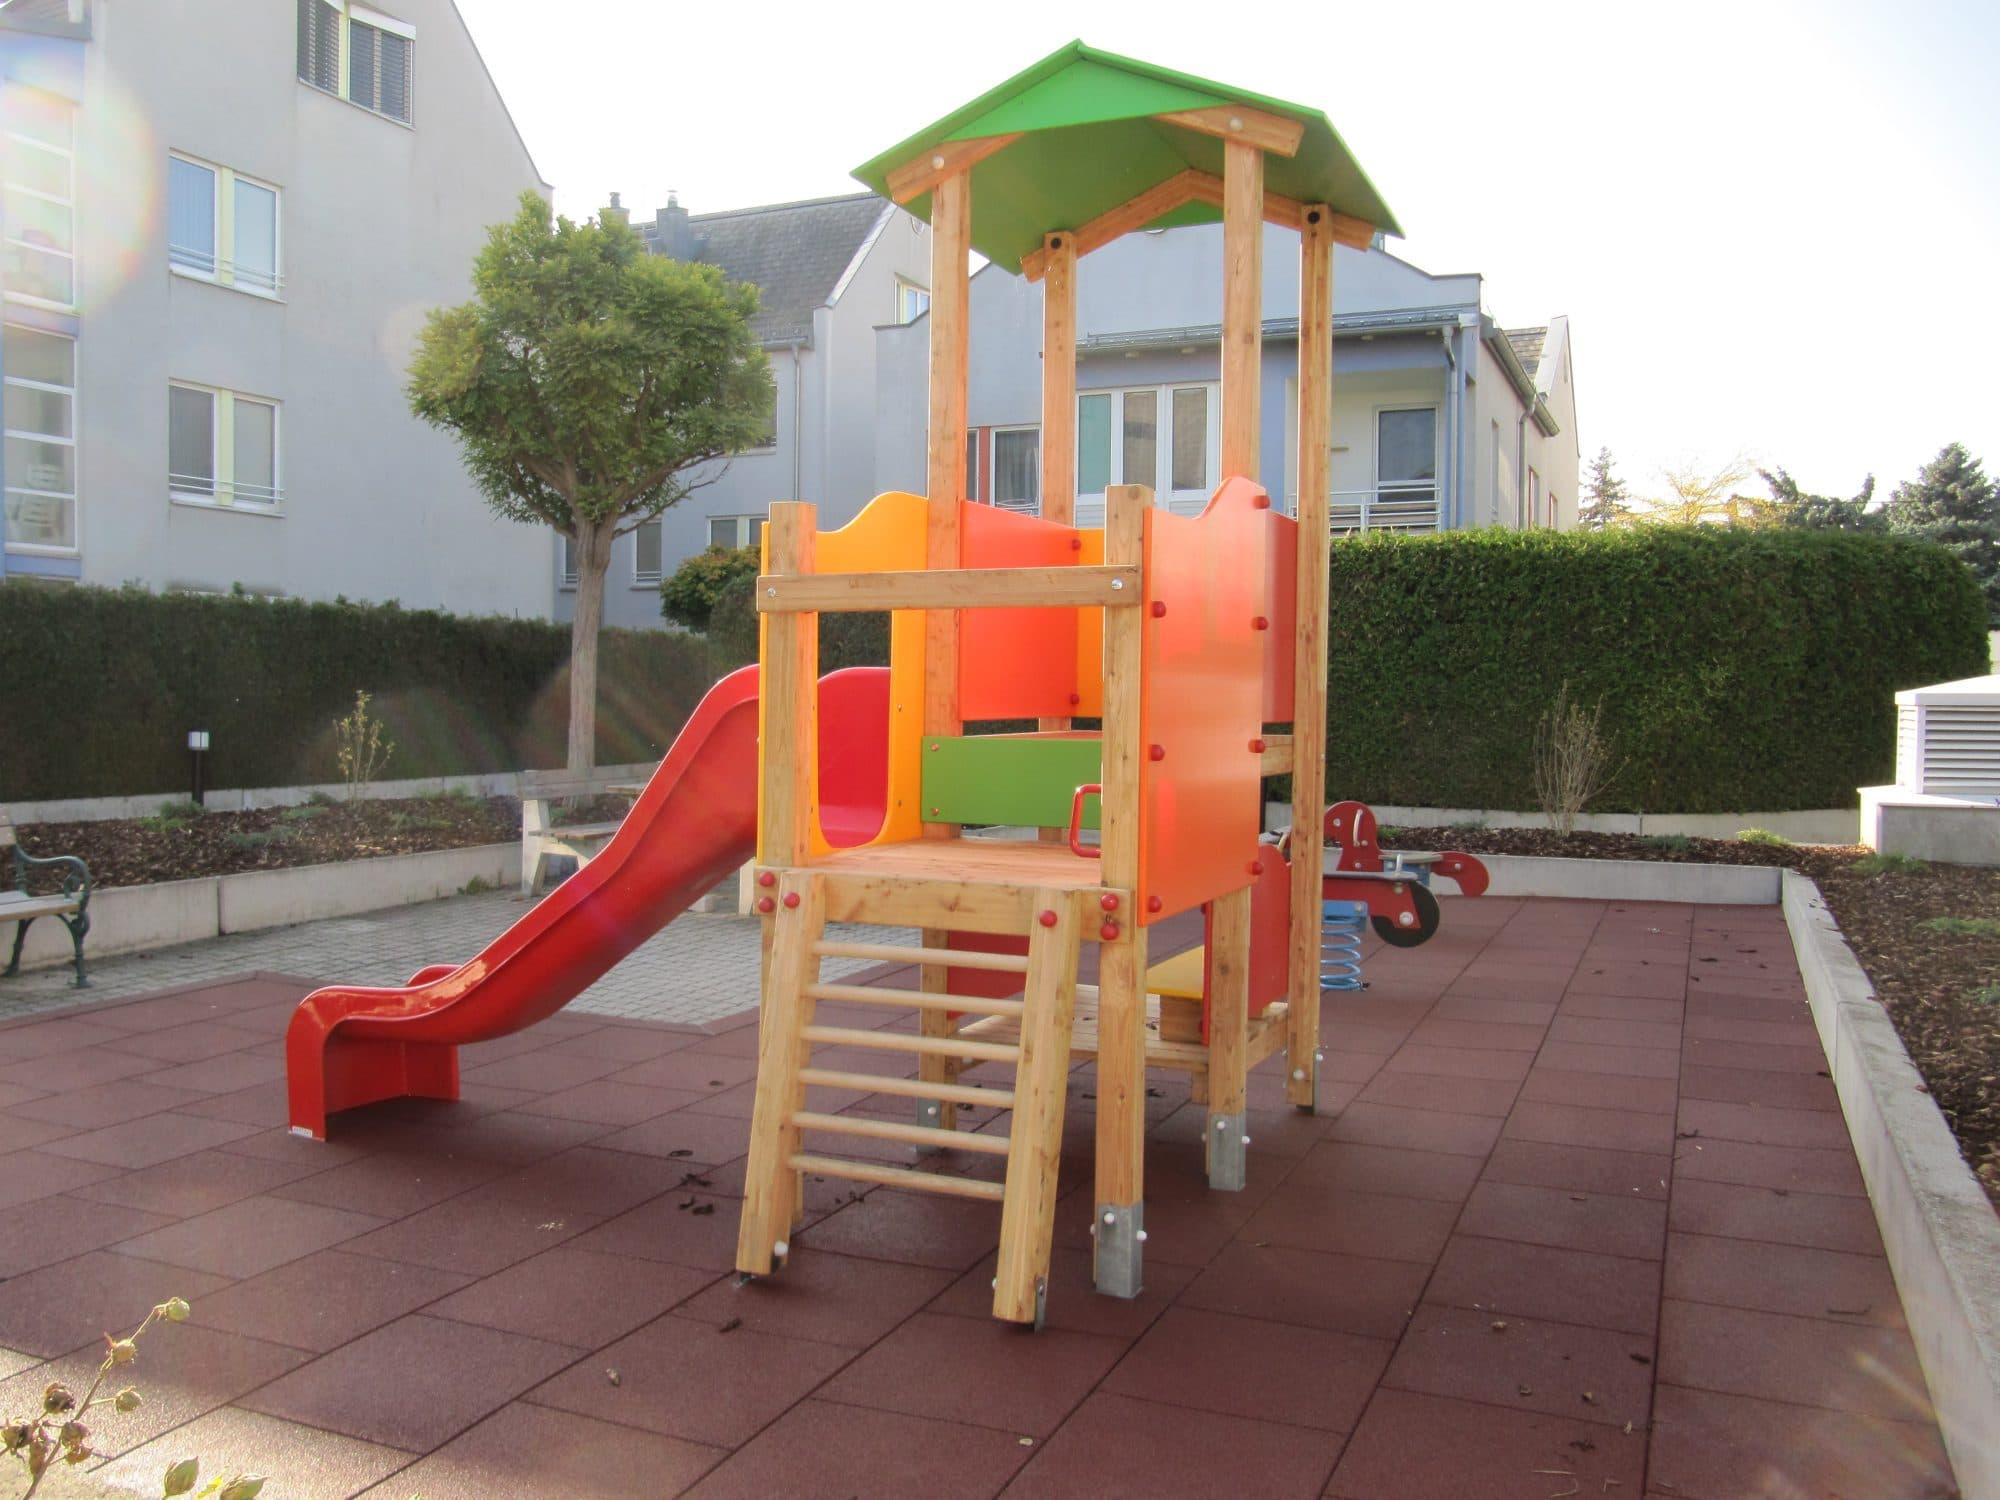 Doppelturmanlage Karin für Kinderspielplatz